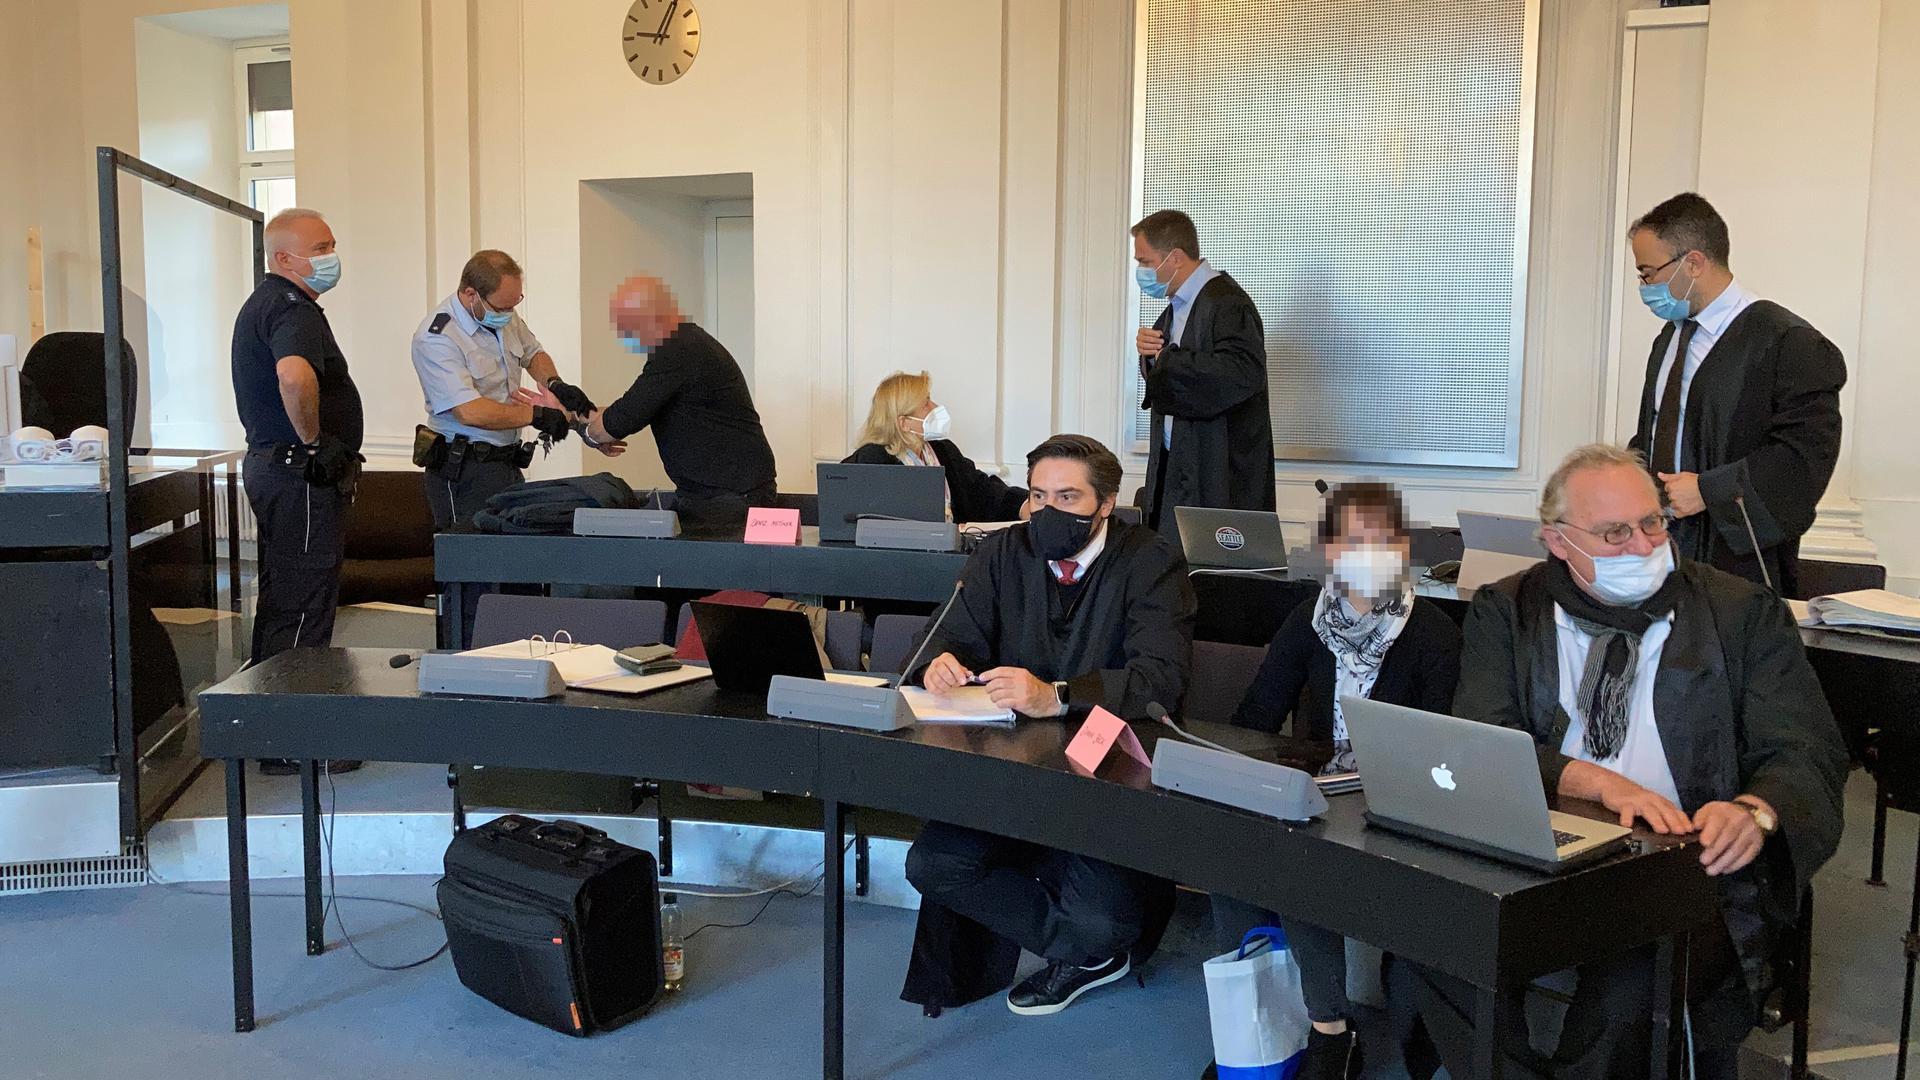 Zwei Angeklagte und ihre fünf Verteidiger am Landgericht Karlsruhe.